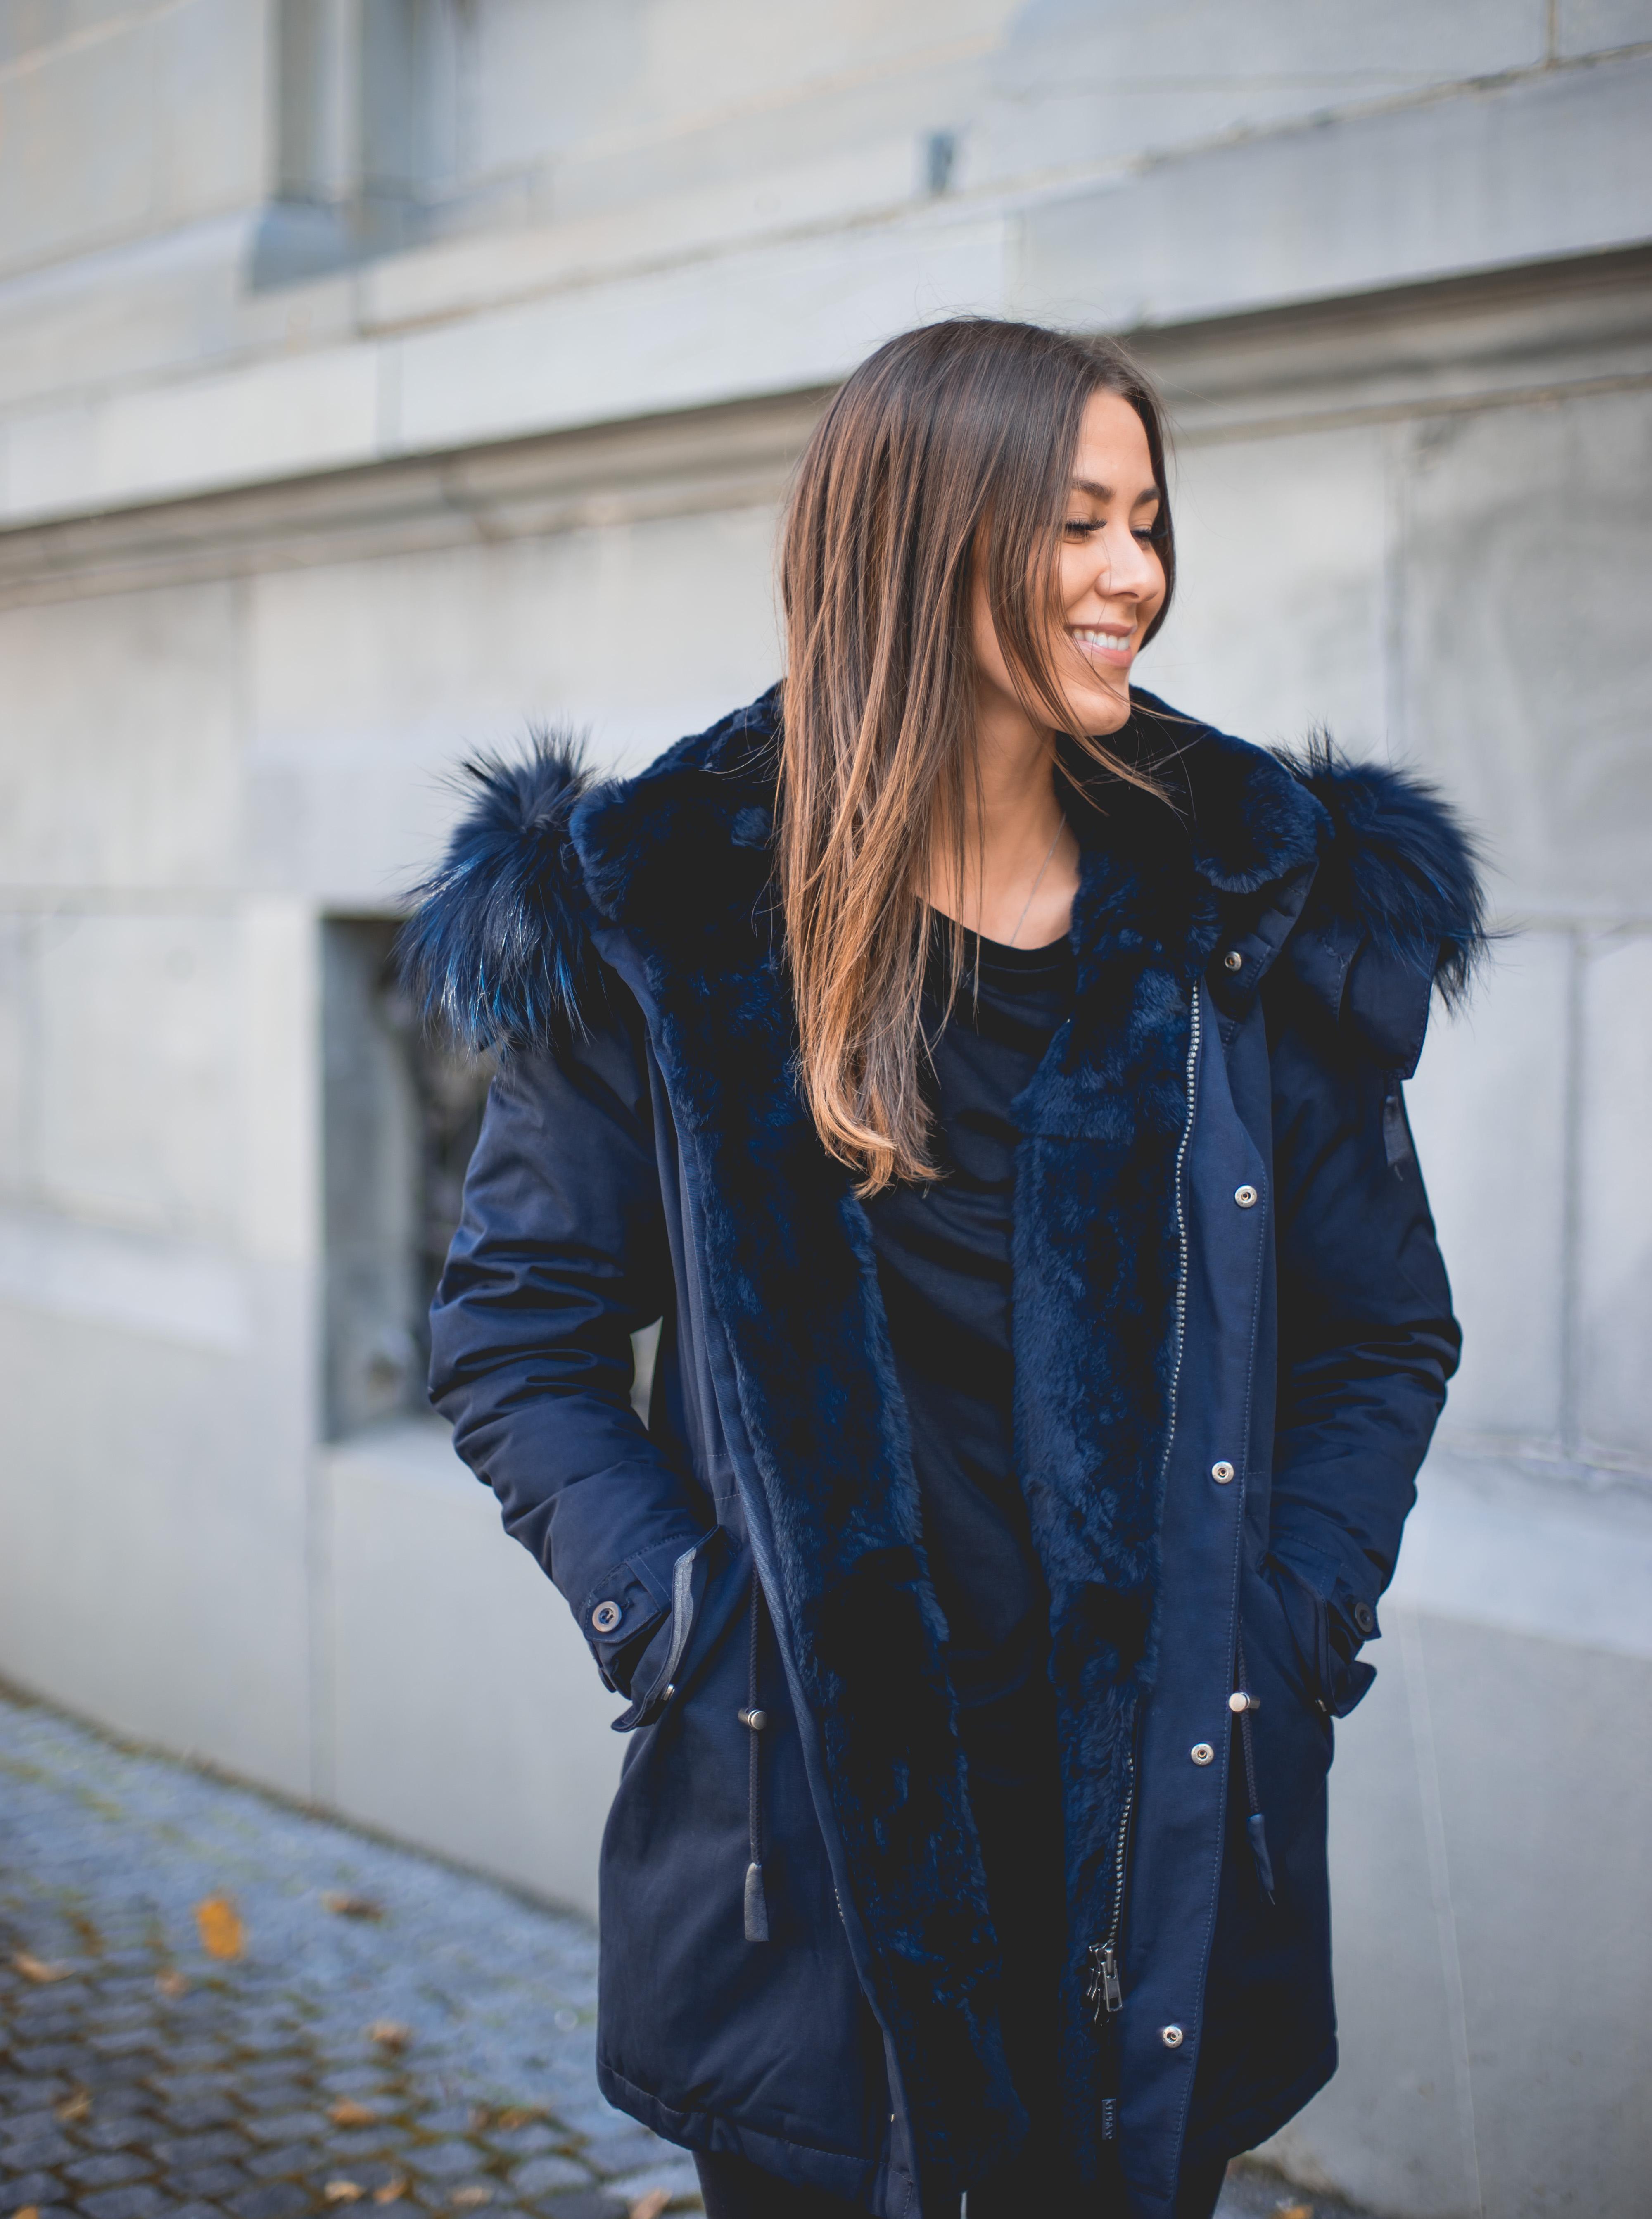 7f3f1106 Den kraftige pelsen og smale passformen er veldig feminin og kledelig.  Dette er en jakke man kan bruke på de kaldeste vinterdagene og samtidig  føle seg ...